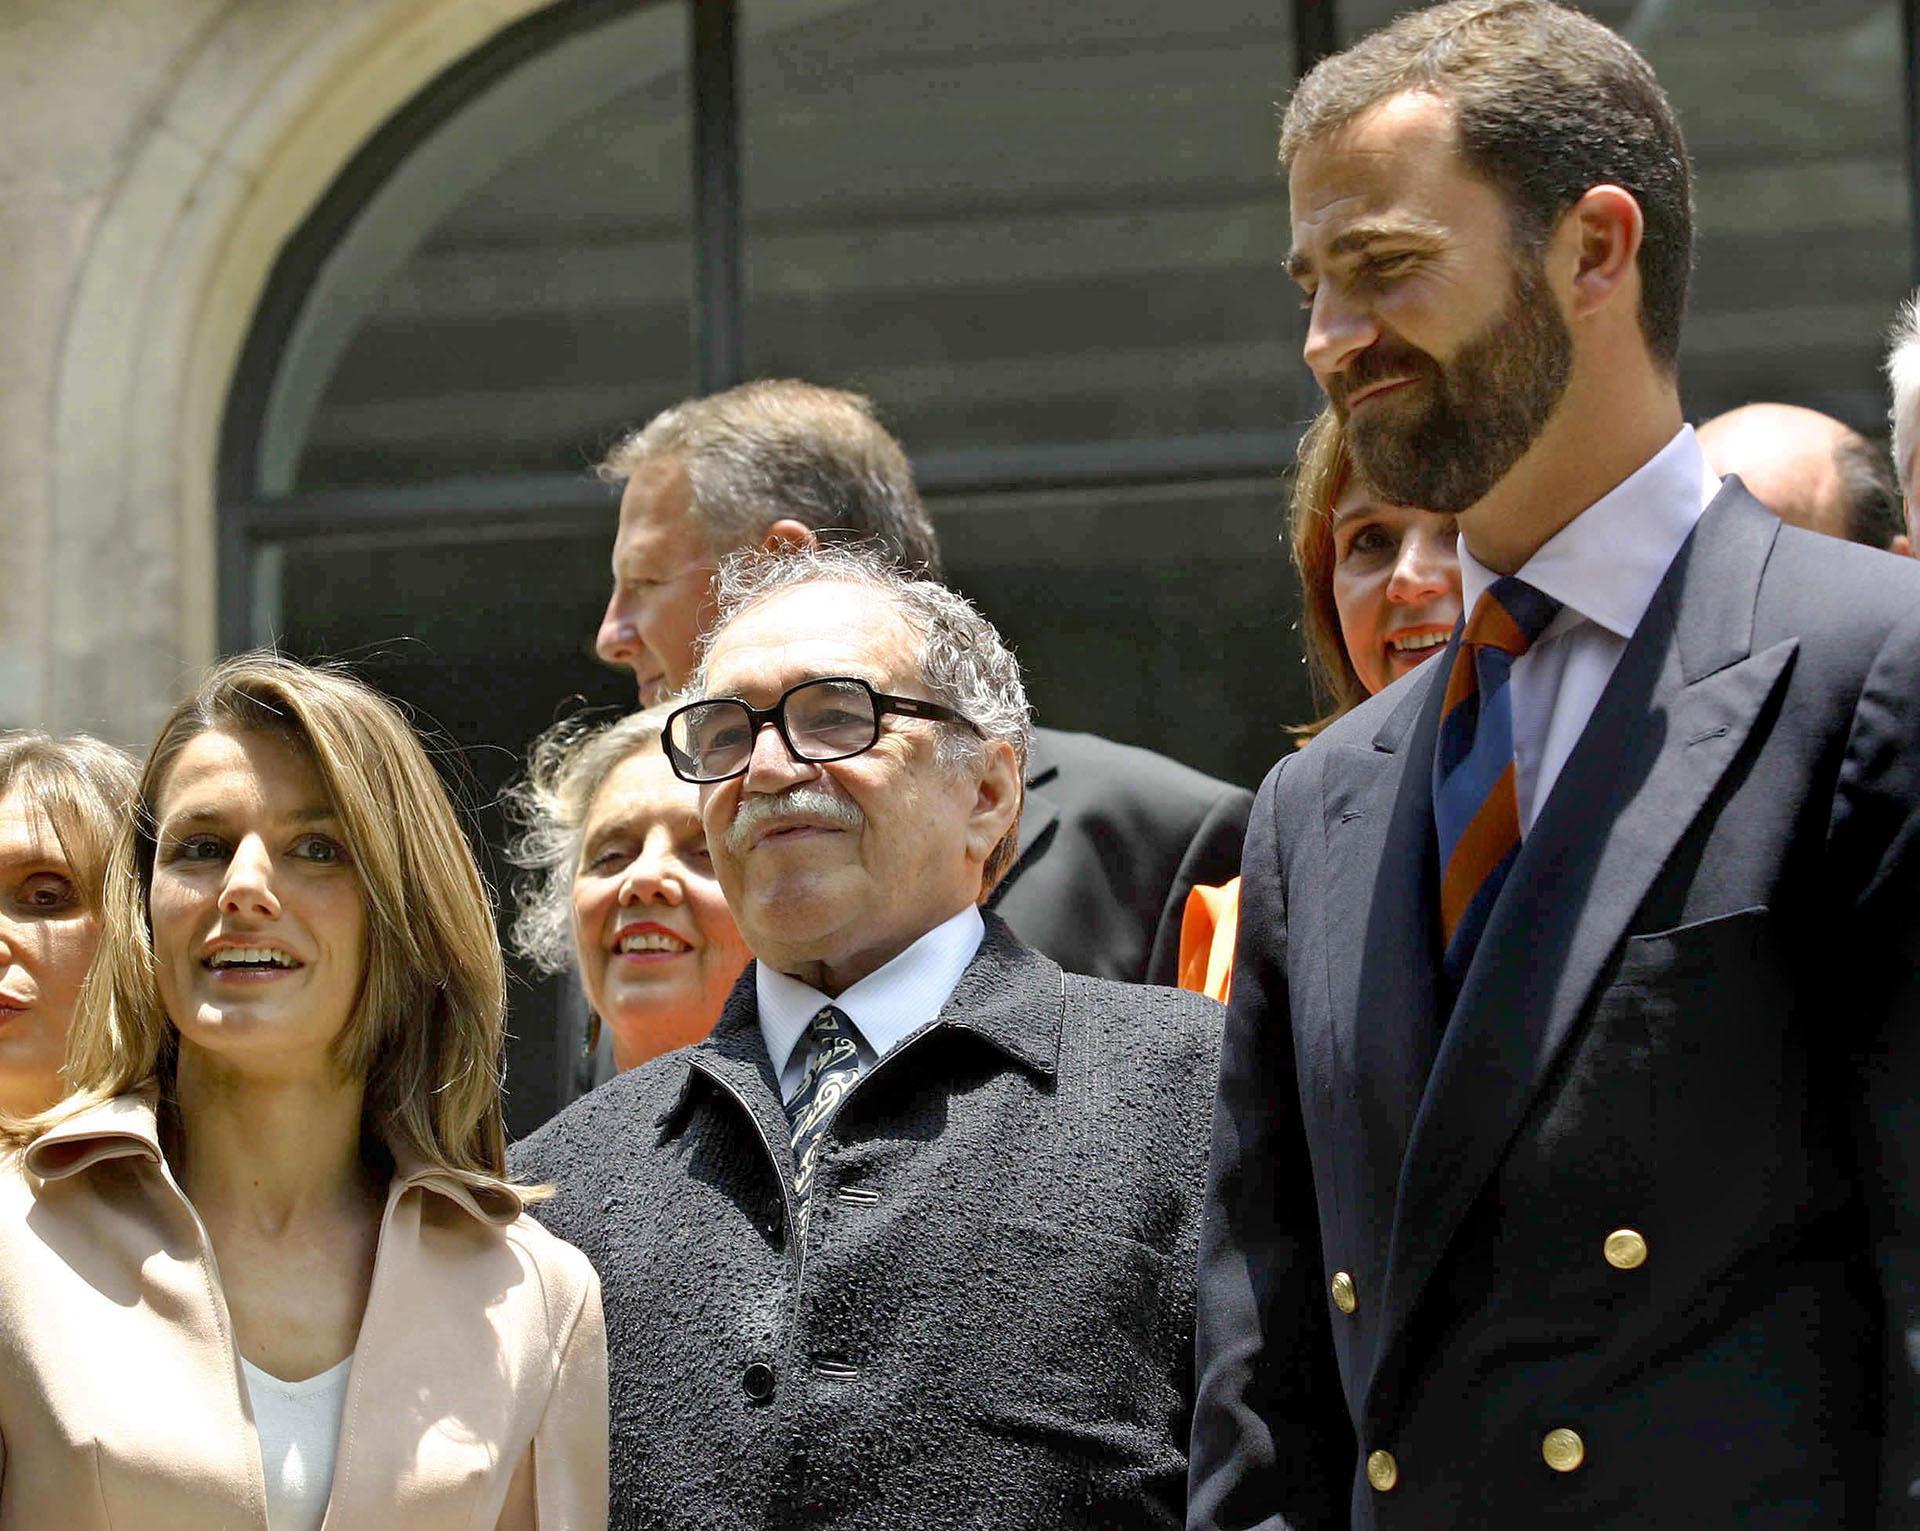 El primer compromiso oficial de los recién casados los encontró junto al escritor colombiano Gabriel García Márquez en el Congreso Hispánico de Monterrey, en México.